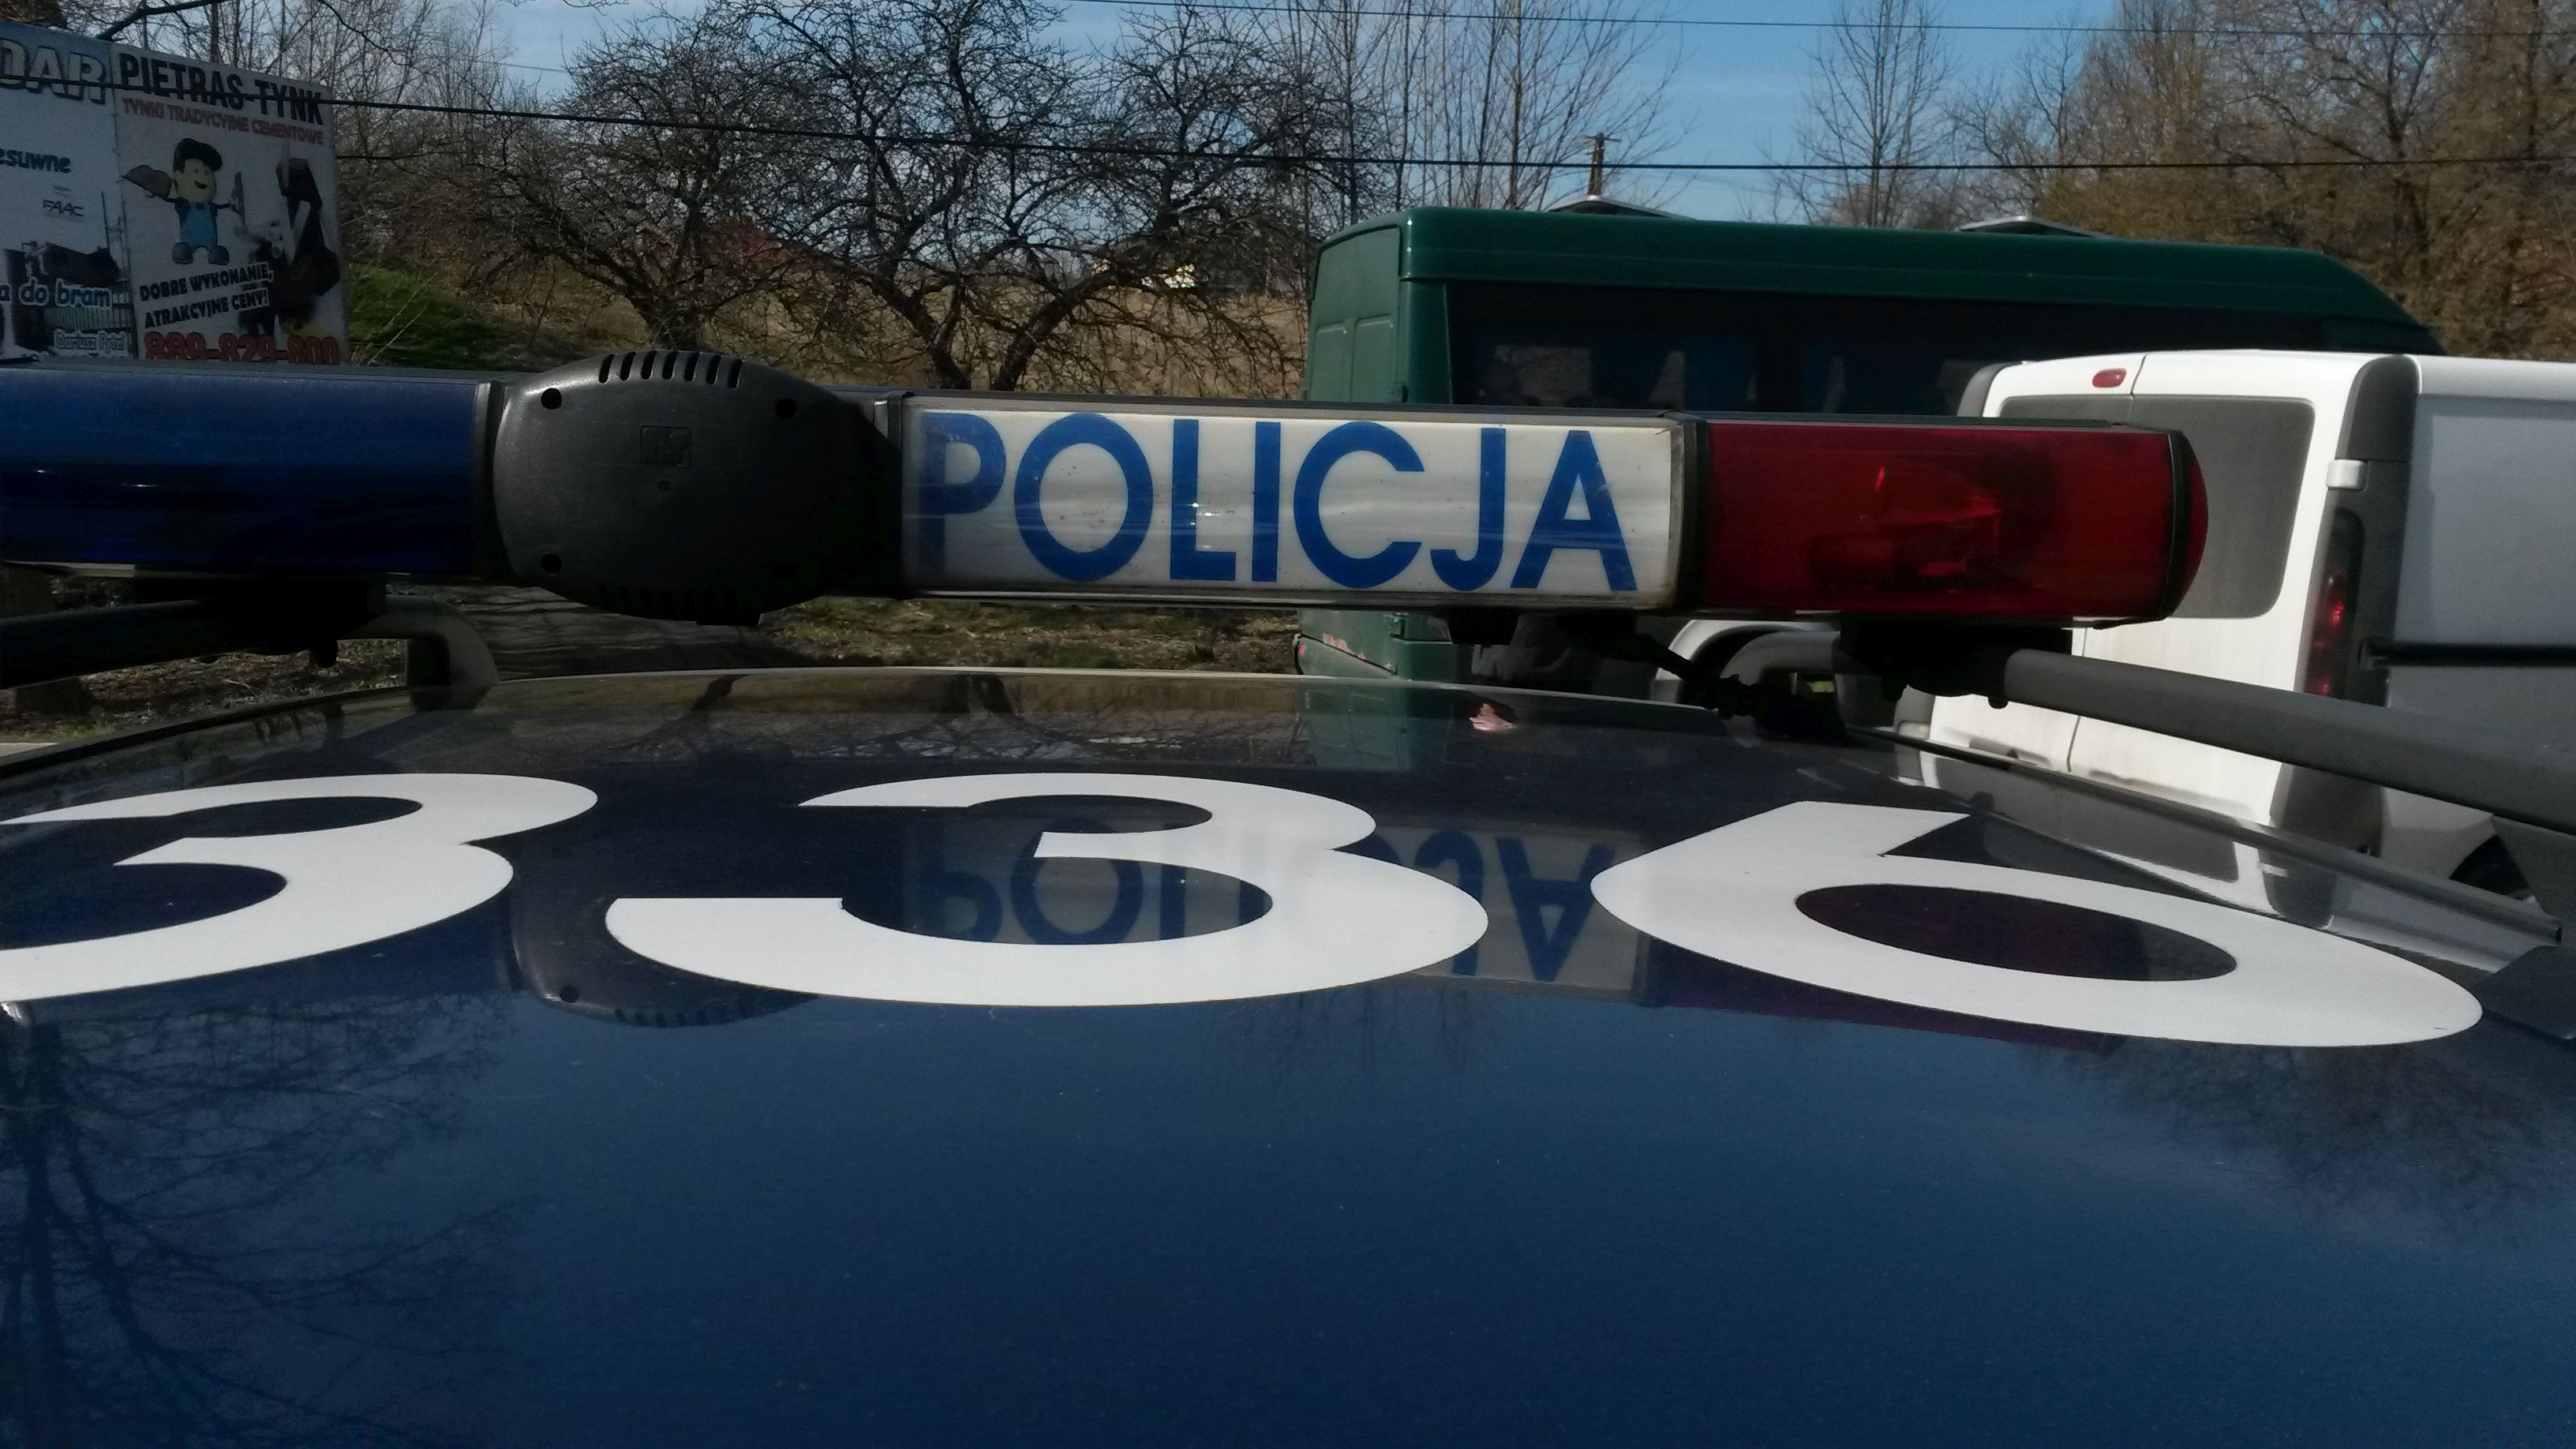 Kolejni pijani kierowcy zatrzymani po zgłoszeniach od mieszkańców